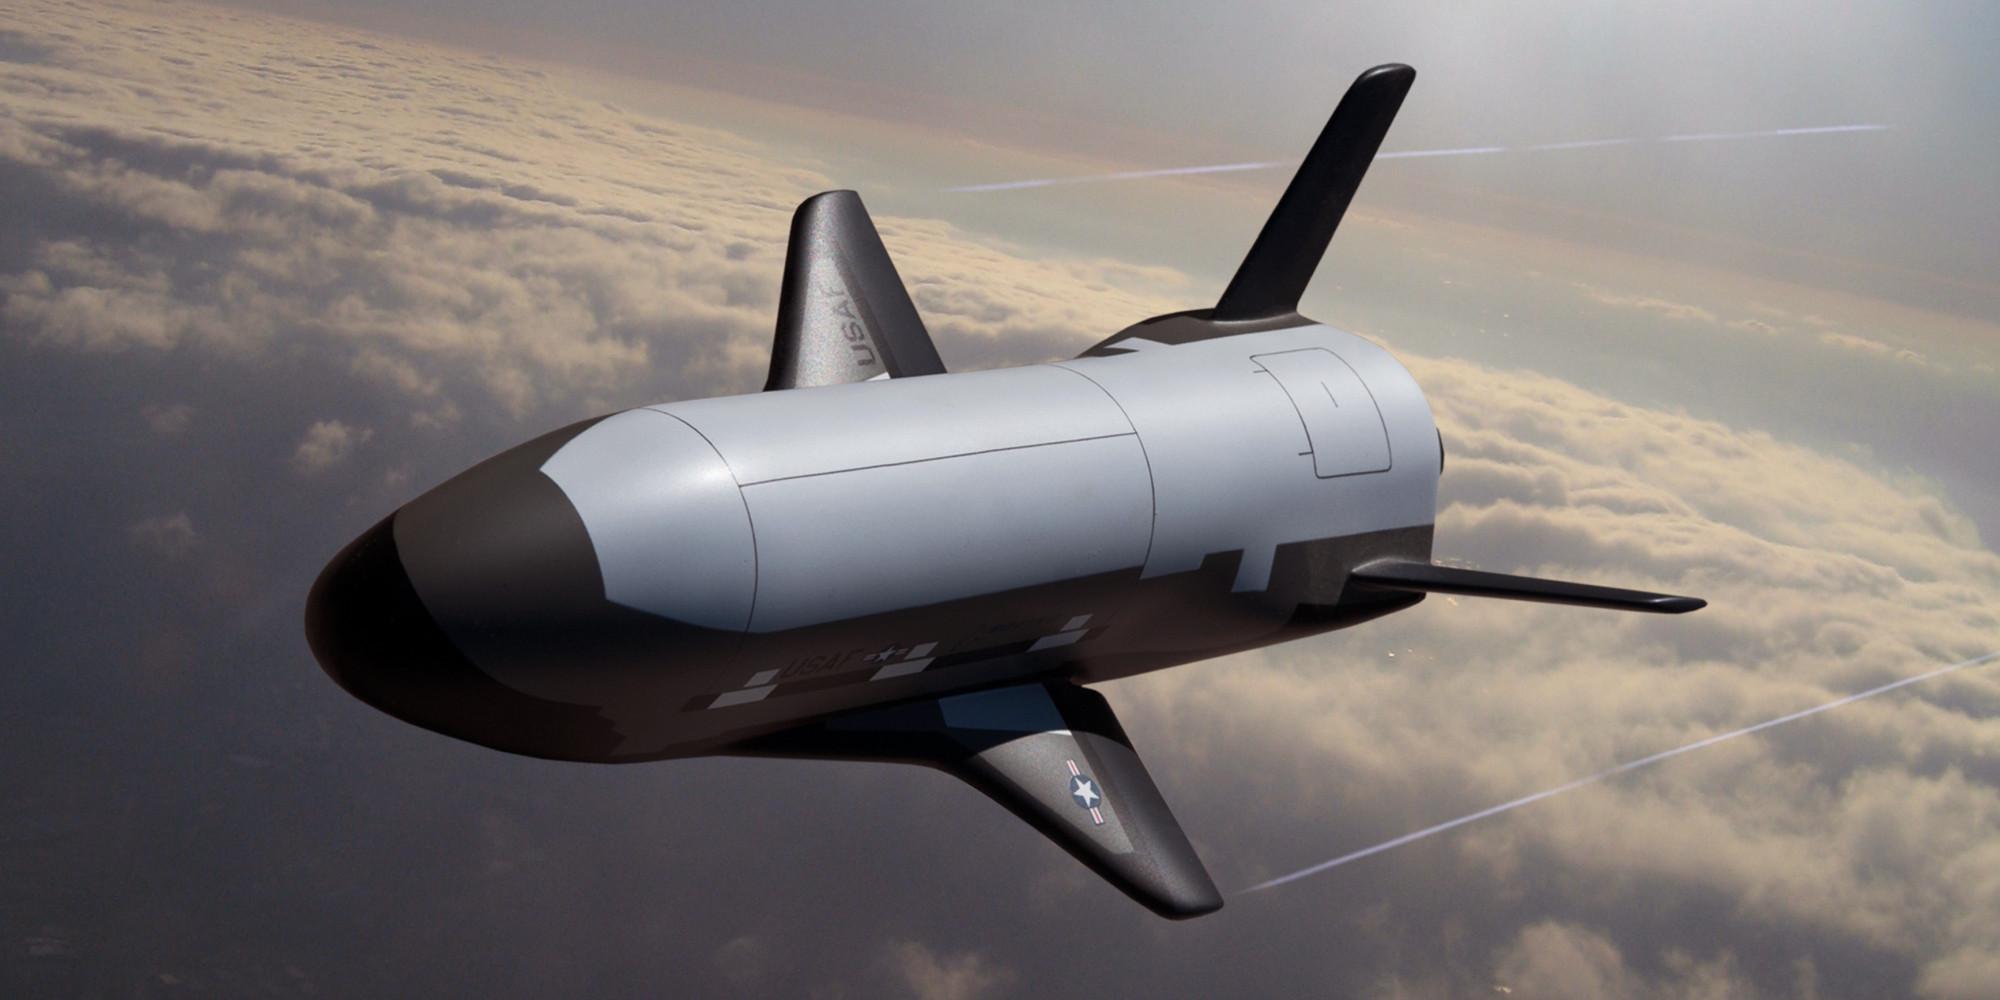 x plane spacecraft - photo #8